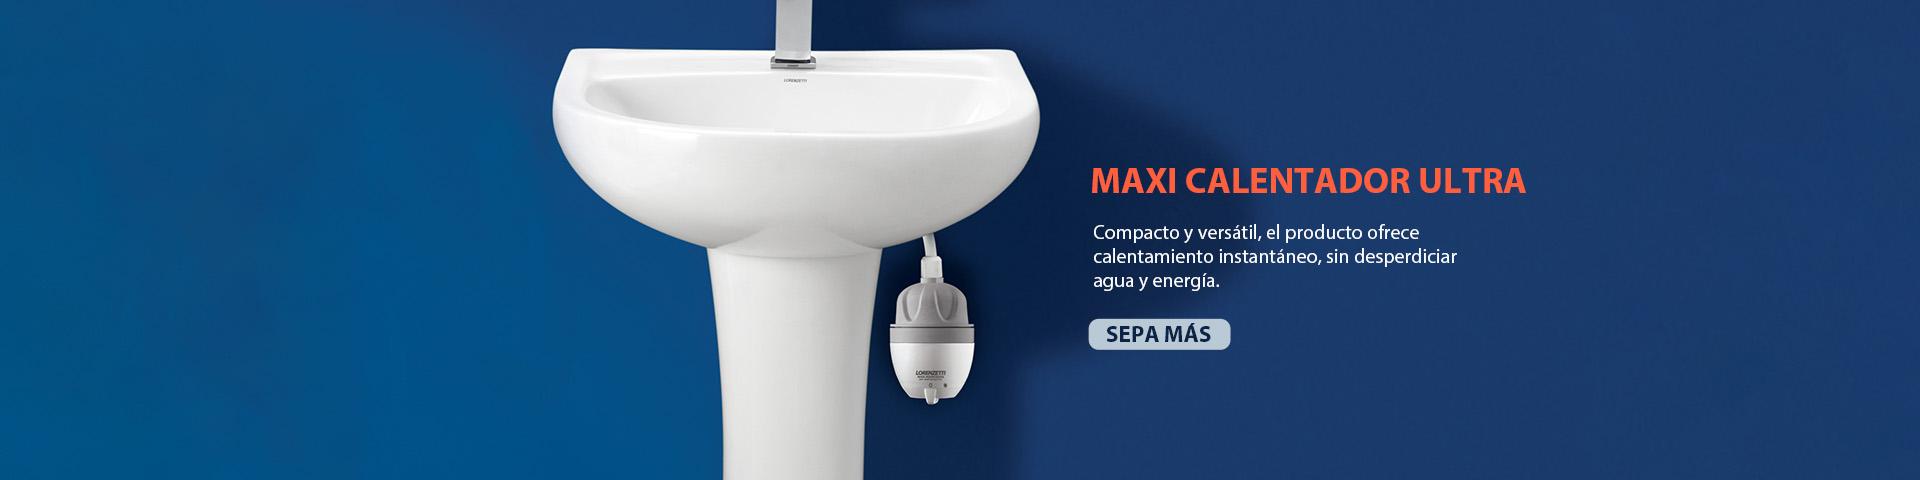 Maxi Calentador